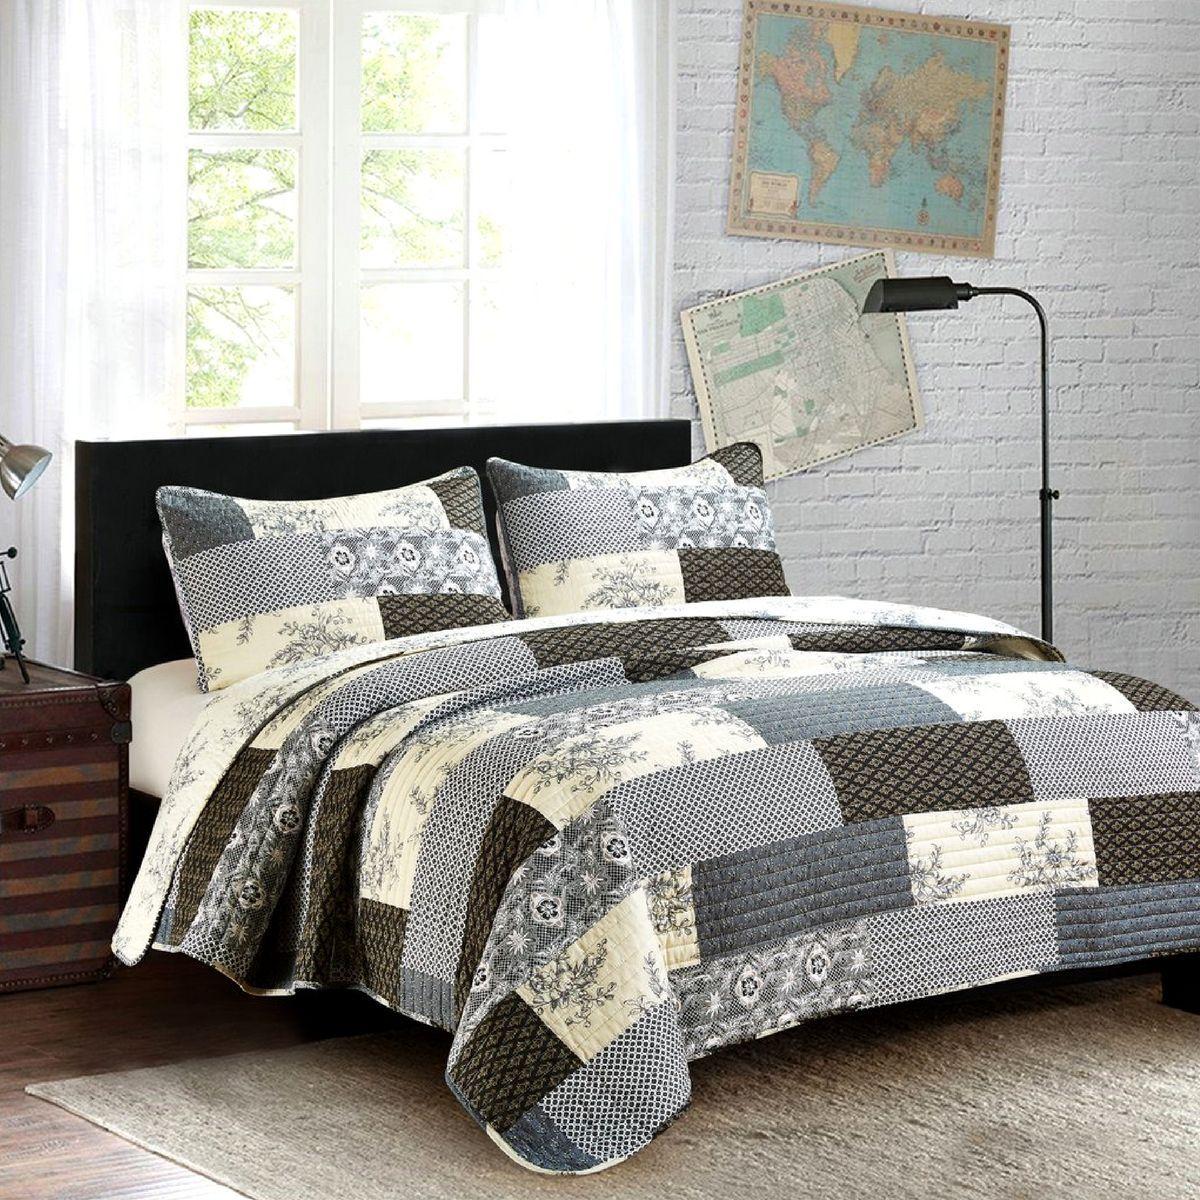 Concord queen quilt set quilt sets bedding farmhouse